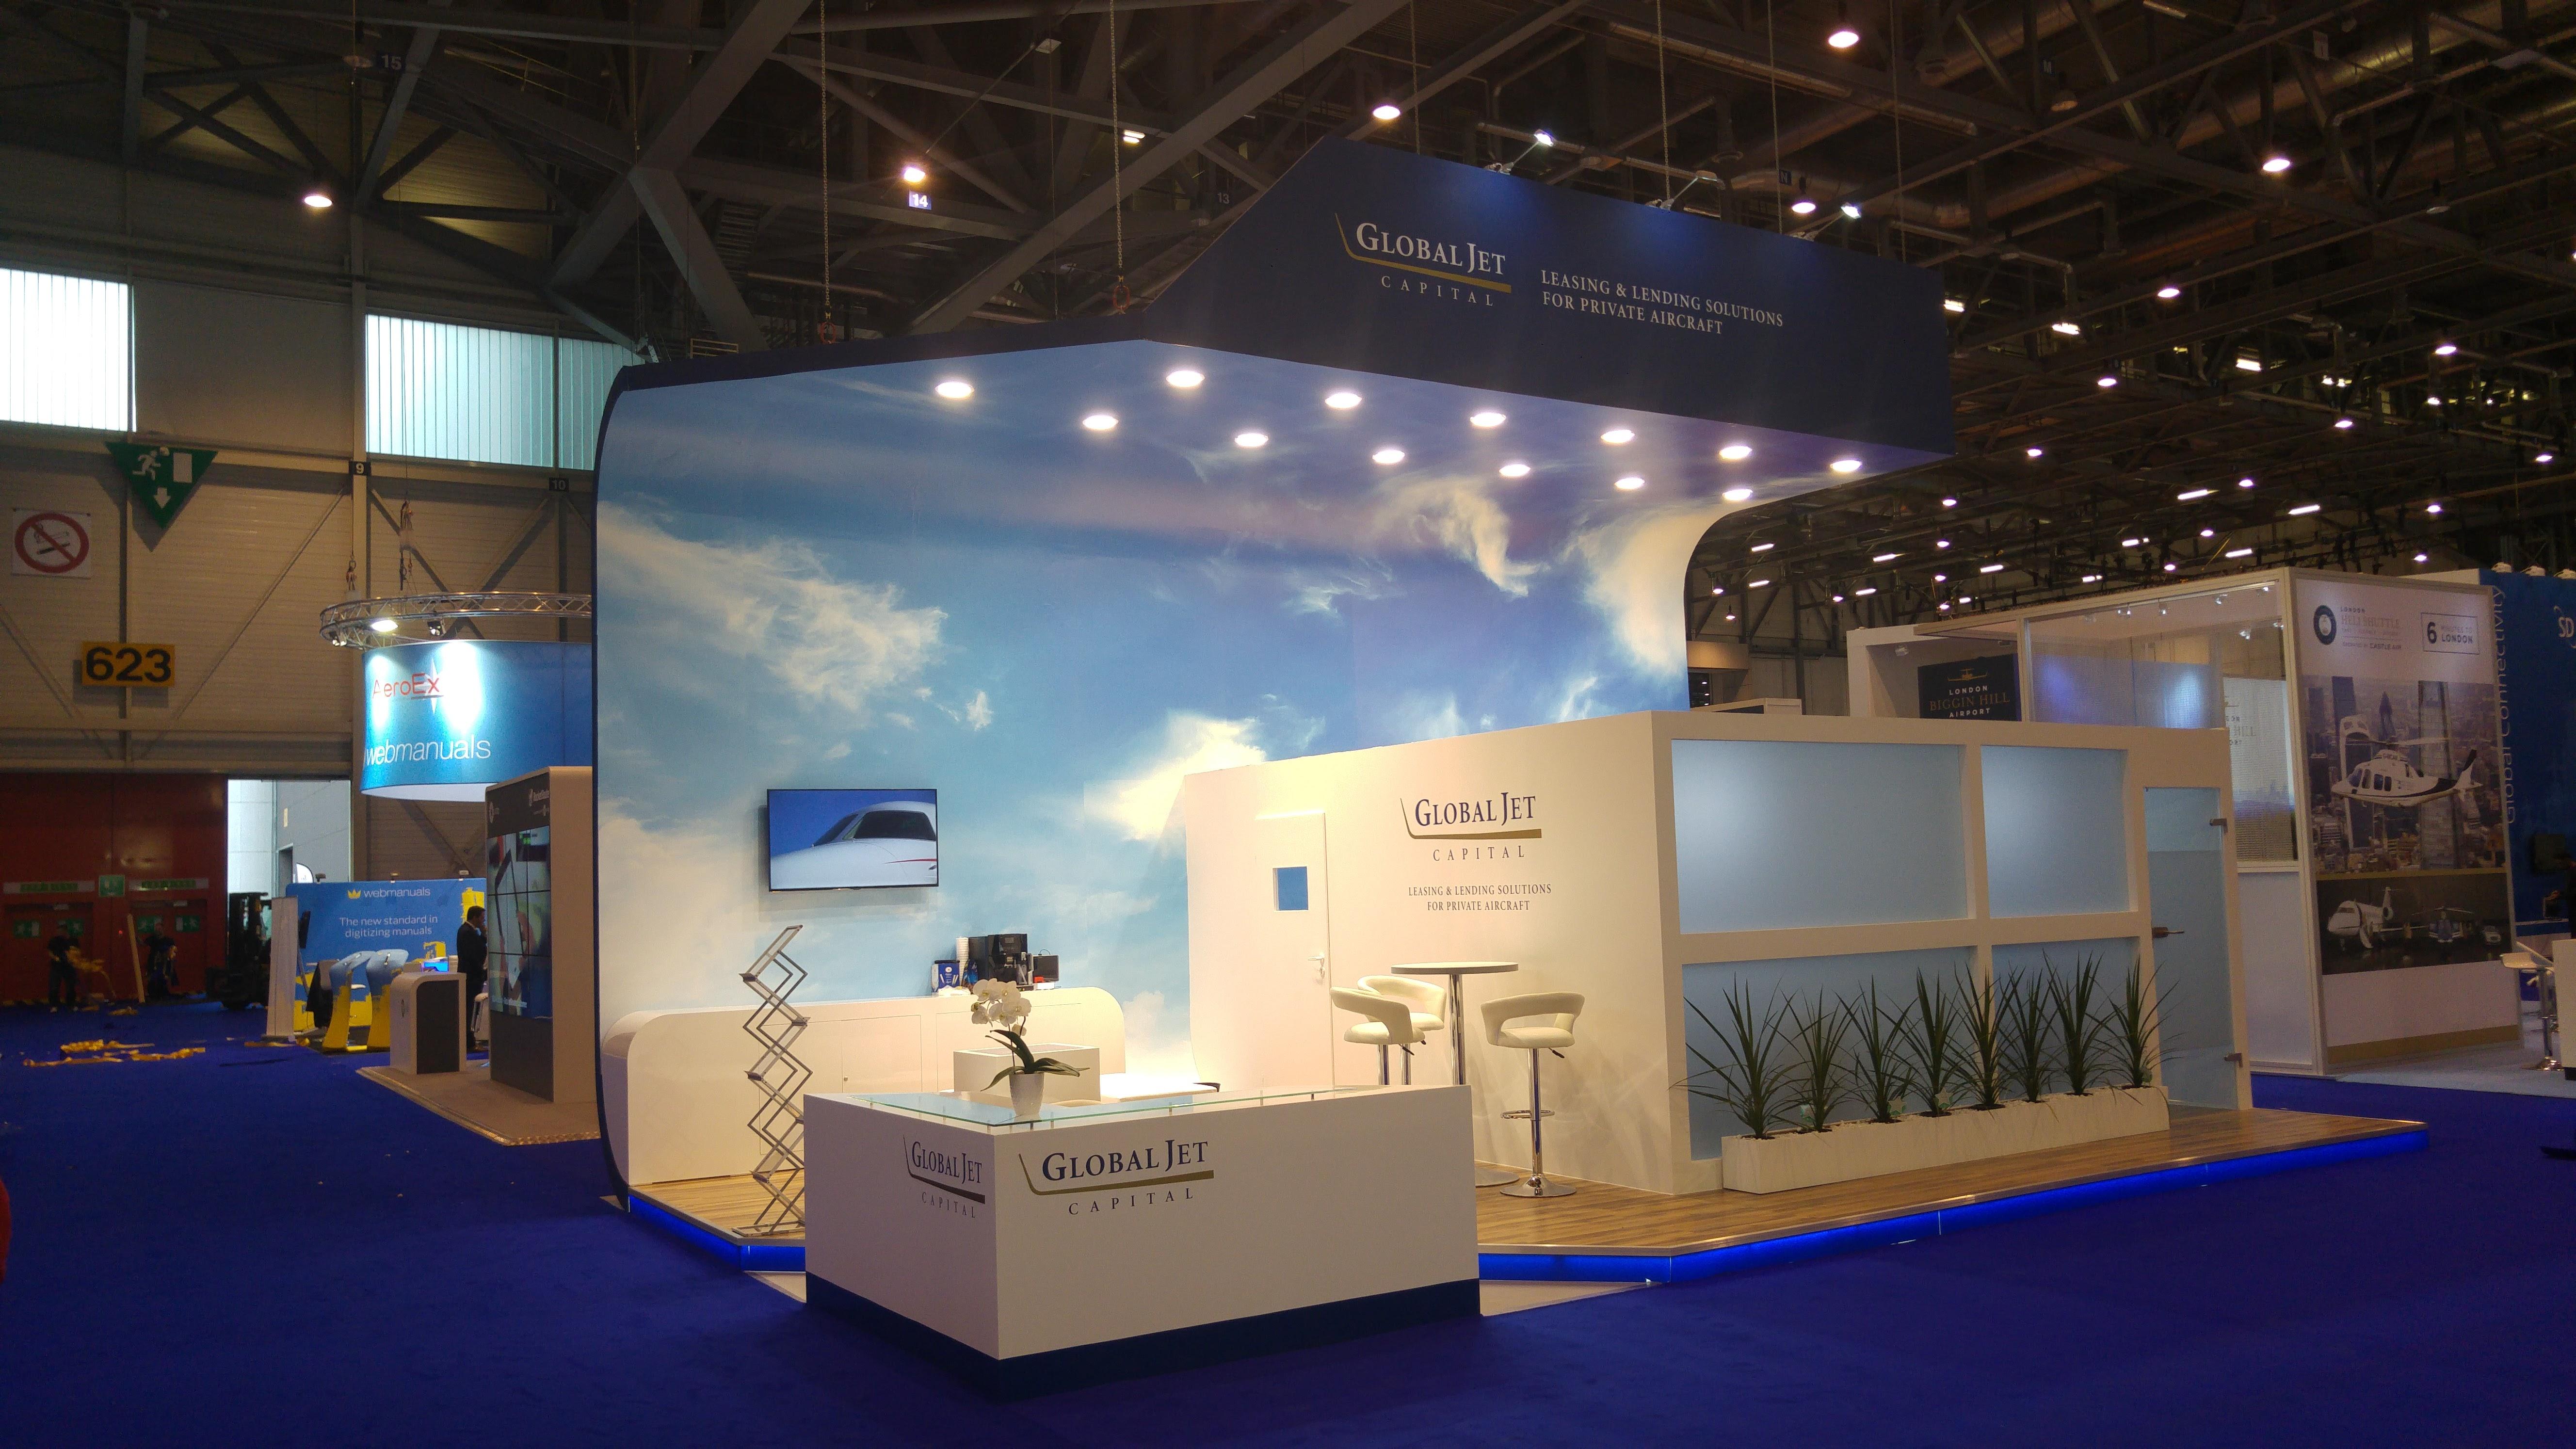 Global-Jet-Capital-EBACE-Booth.jpg